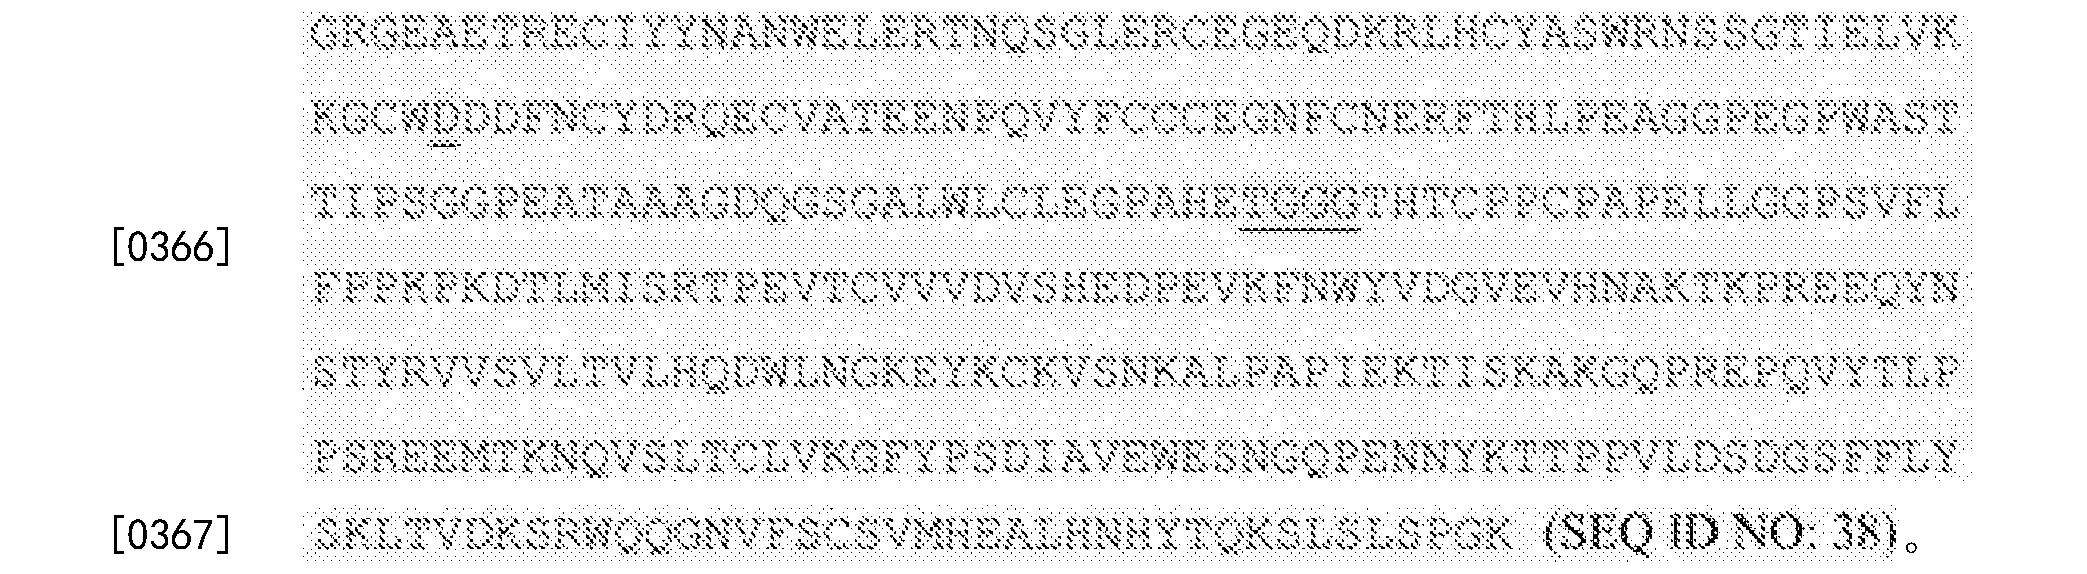 Figure CN103987403BD00553